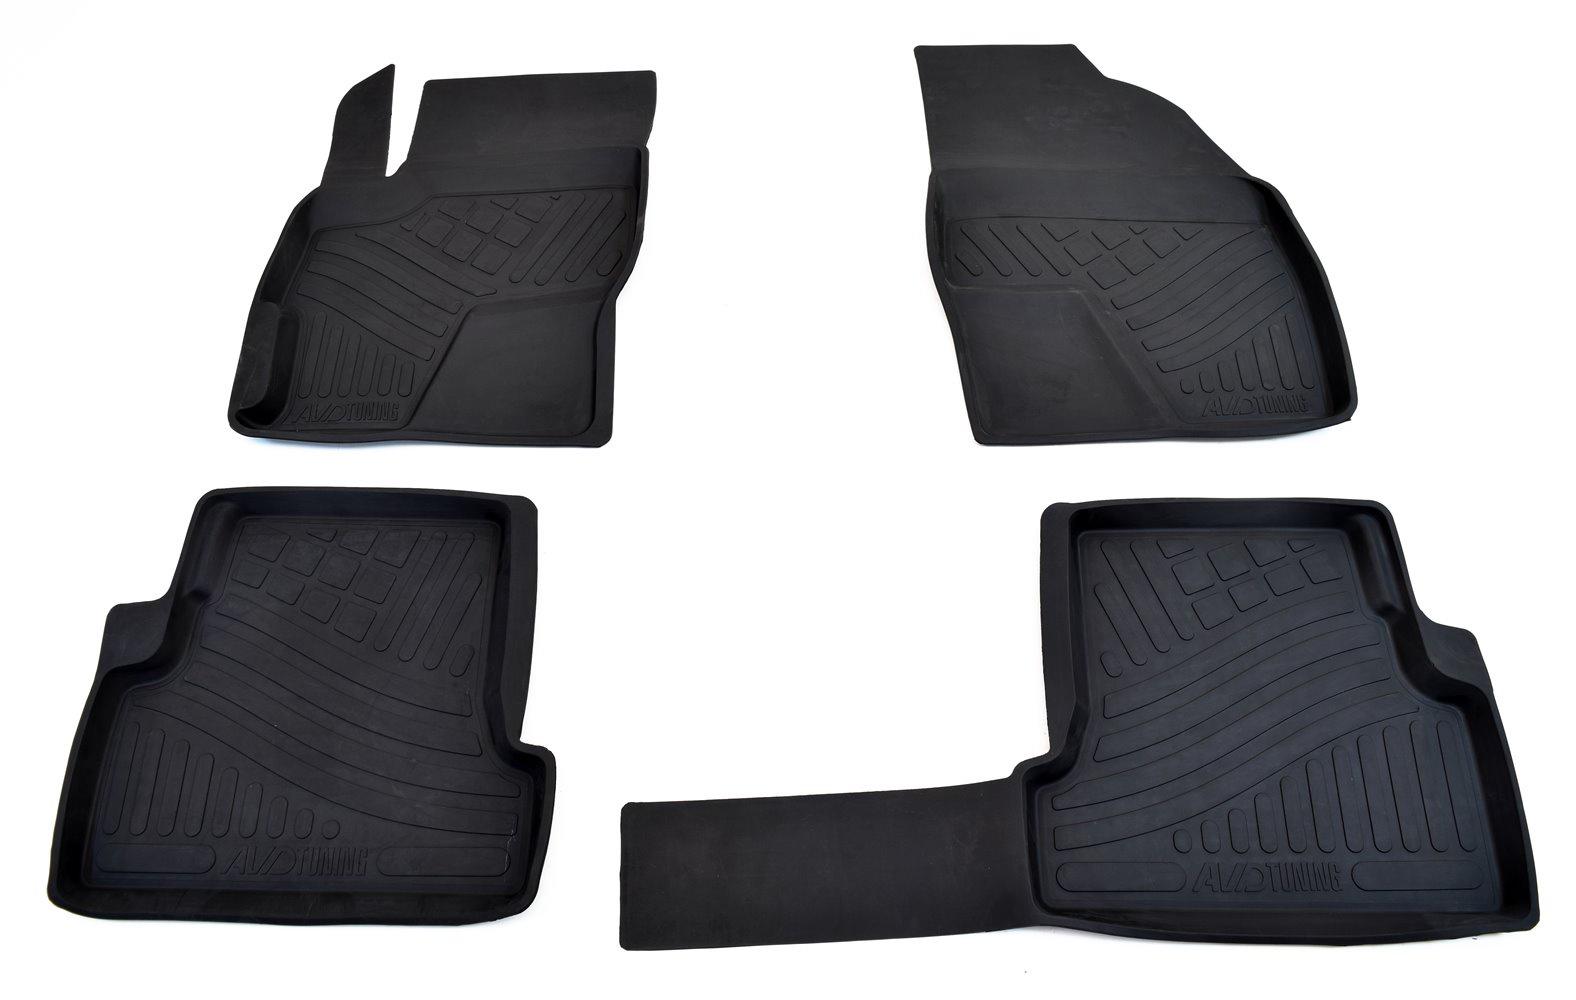 Коврики в салон автомобиля Avtodriver резиновые с бортиком для Chevrolet Orlando (из 7-ми) (2011-), Adrplr017, черный коврики салона avtodriver для mercedes benz e klasse w212 2007 adravg155 резиновые с бортиком черный